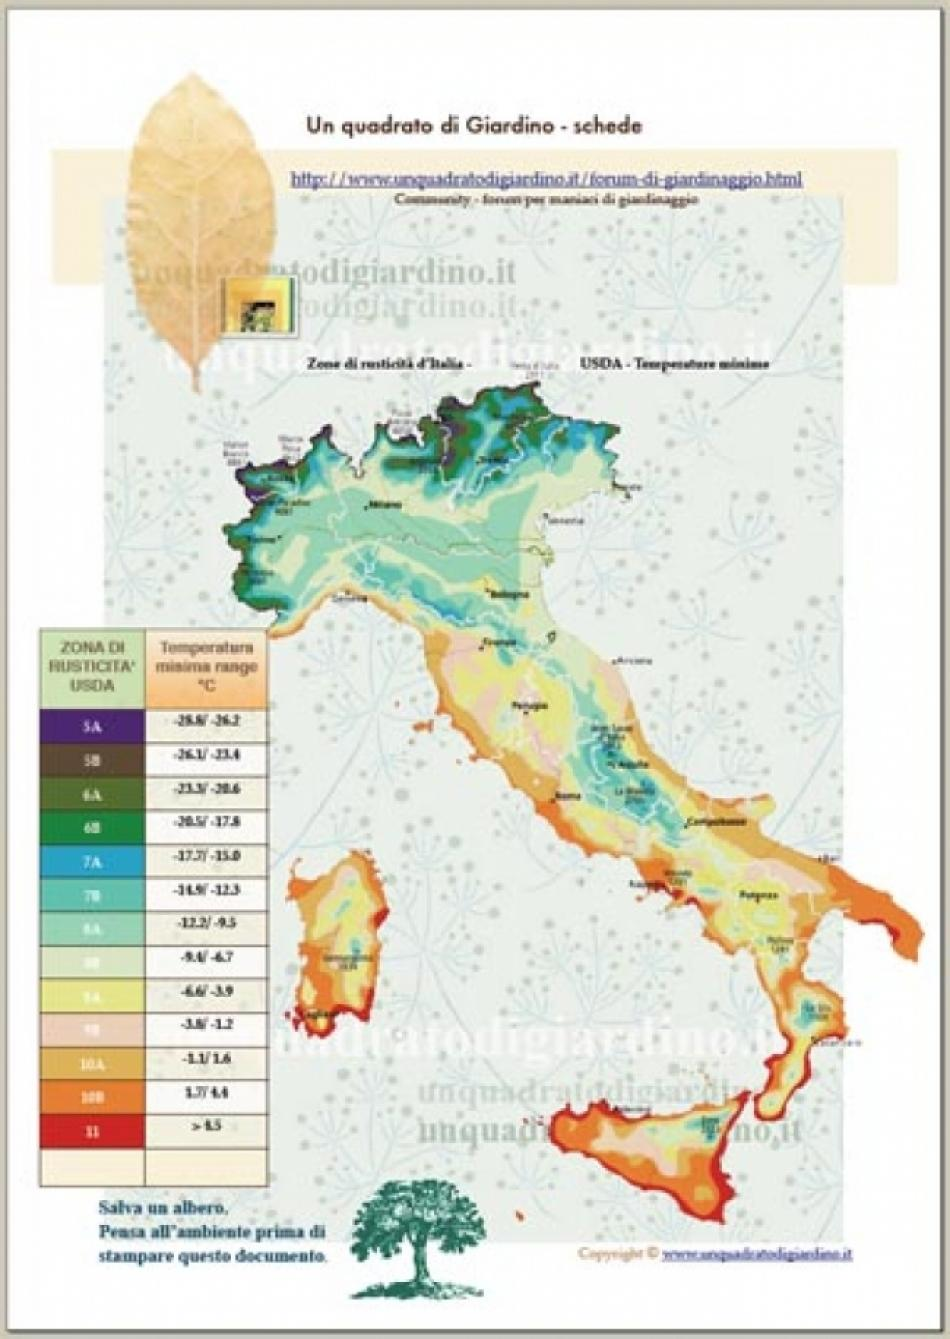 Cartina Dellitalia Con Zone Climatiche.Download Ad Alta Risoluzione Mappa Temperatura Usda Dell Italia